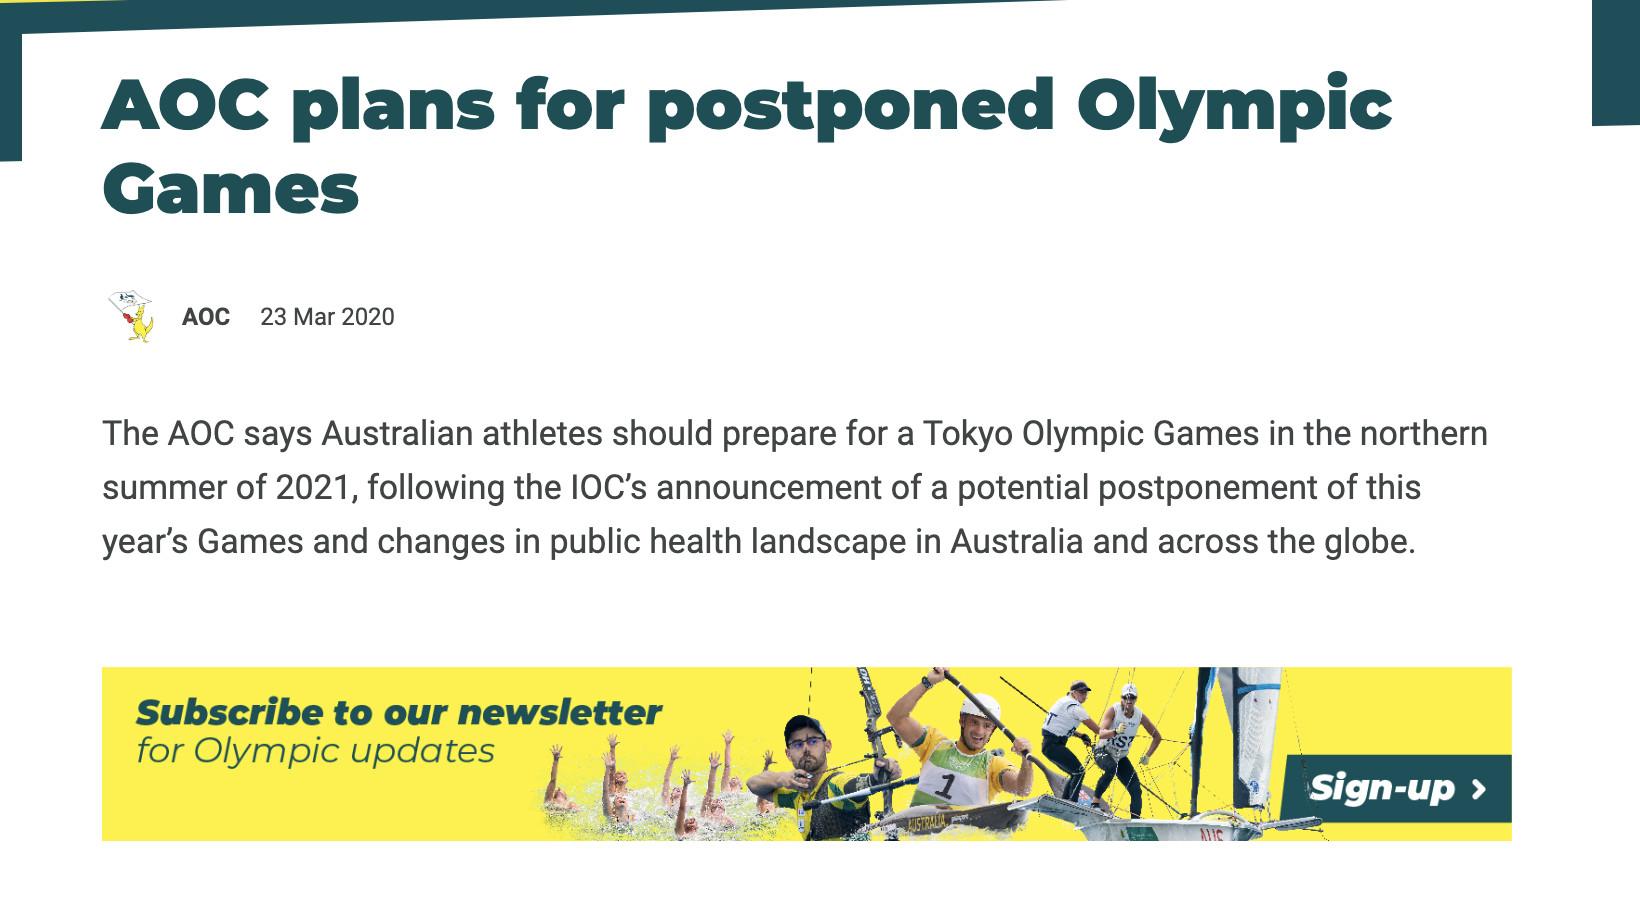 加拿大、澳大利亚退出奥运会!安倍:将考虑延期举办(双语)